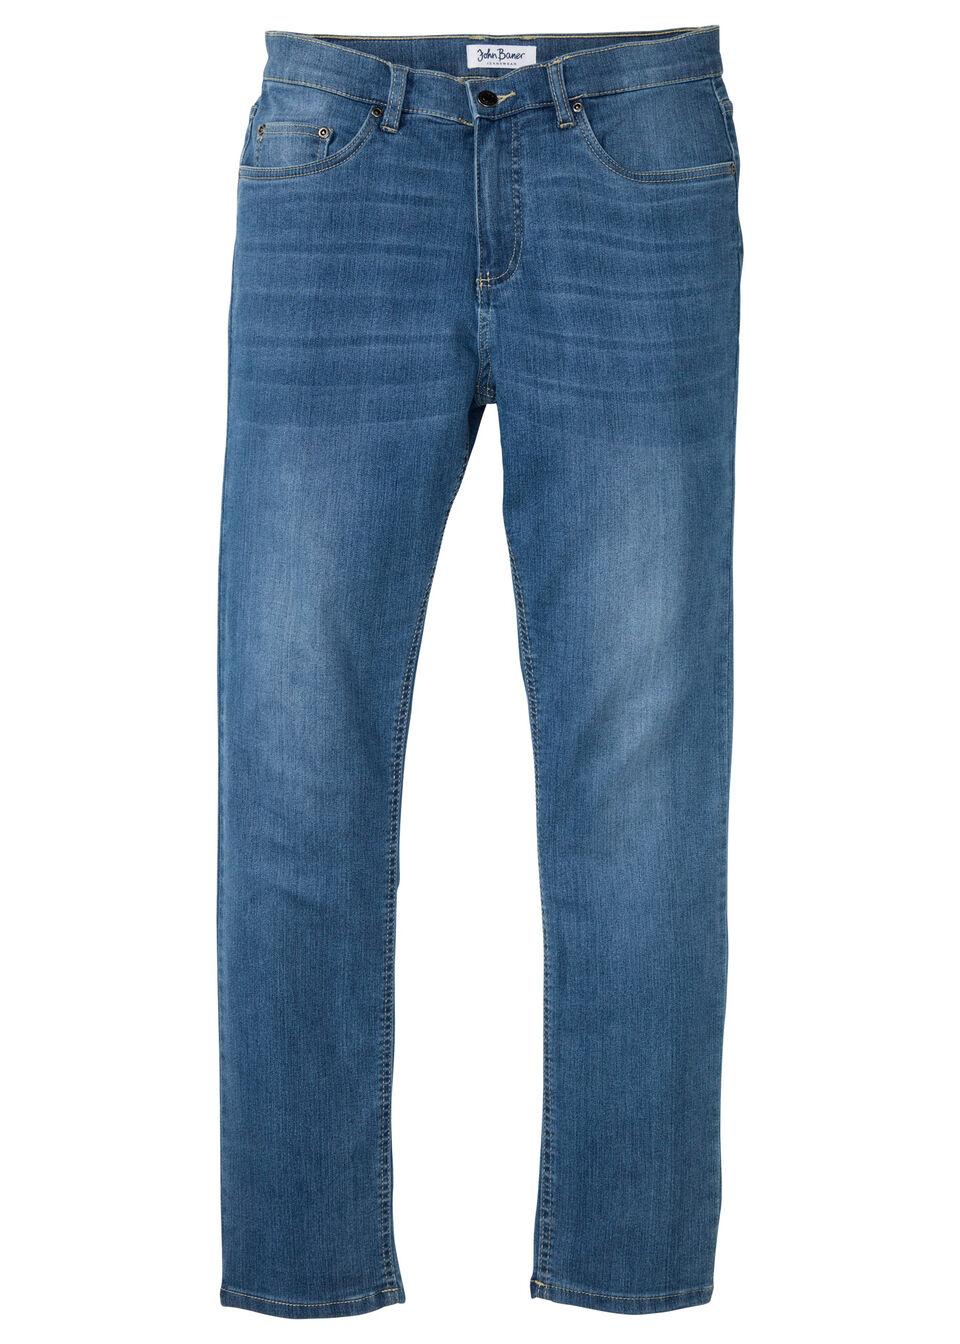 Dżinsy z miękkiego materiału ze stretchem Slim Fit Straight bonprix jasnoniebieski denim